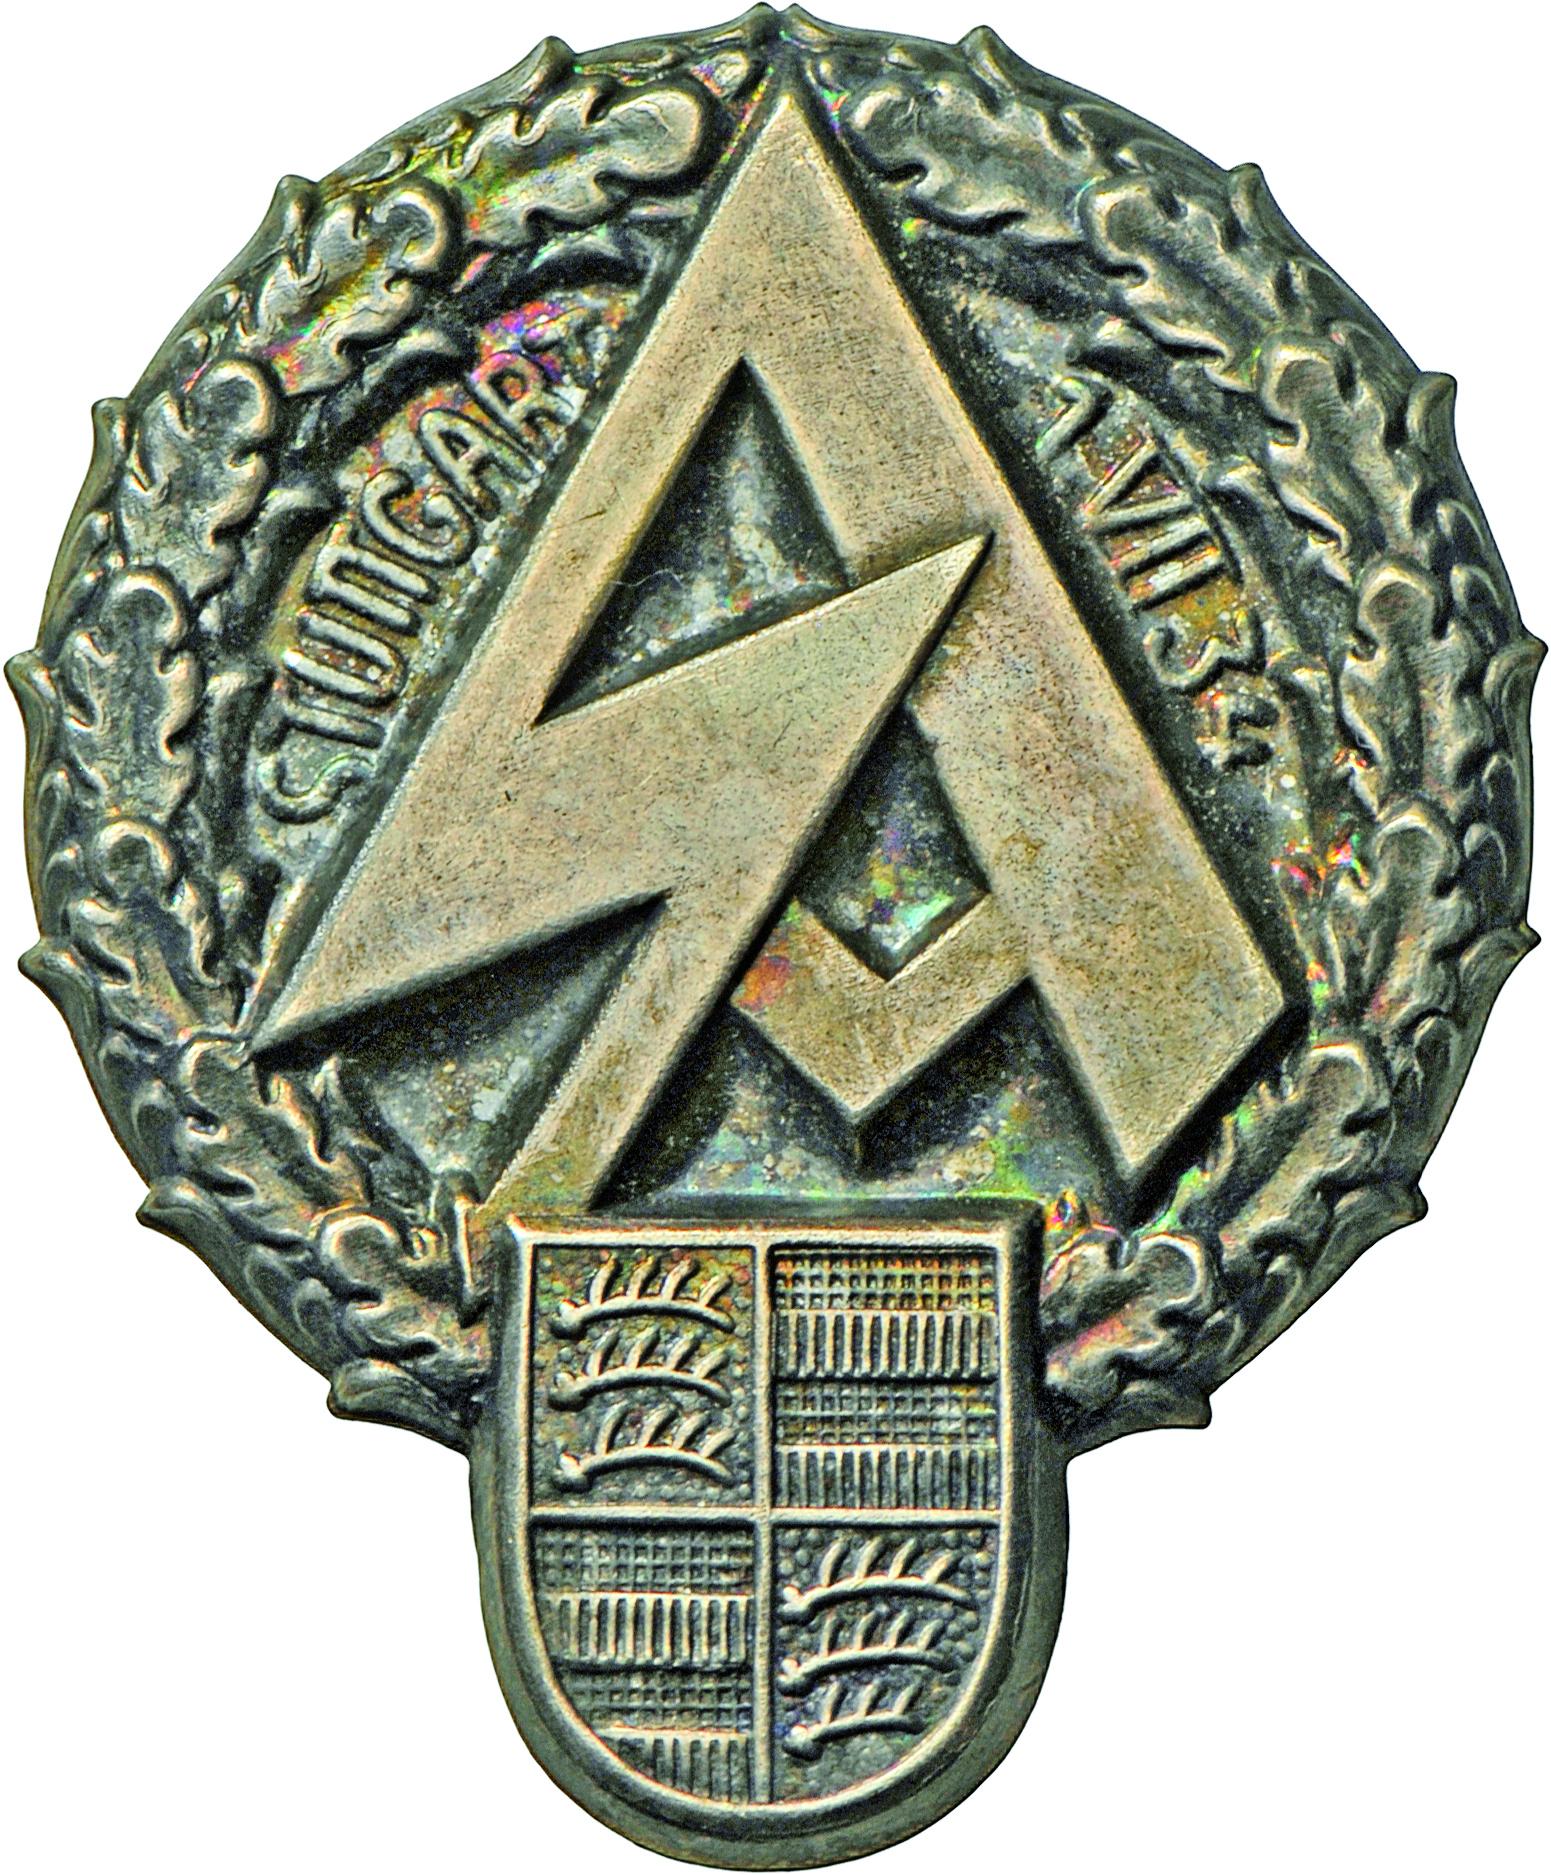 Lot 4579 - Medaillen Deutschland | Münzen  -  Auktionshaus Christoph Gärtner GmbH & Co. KG Banknotes & Coins Auction #39 Day 2